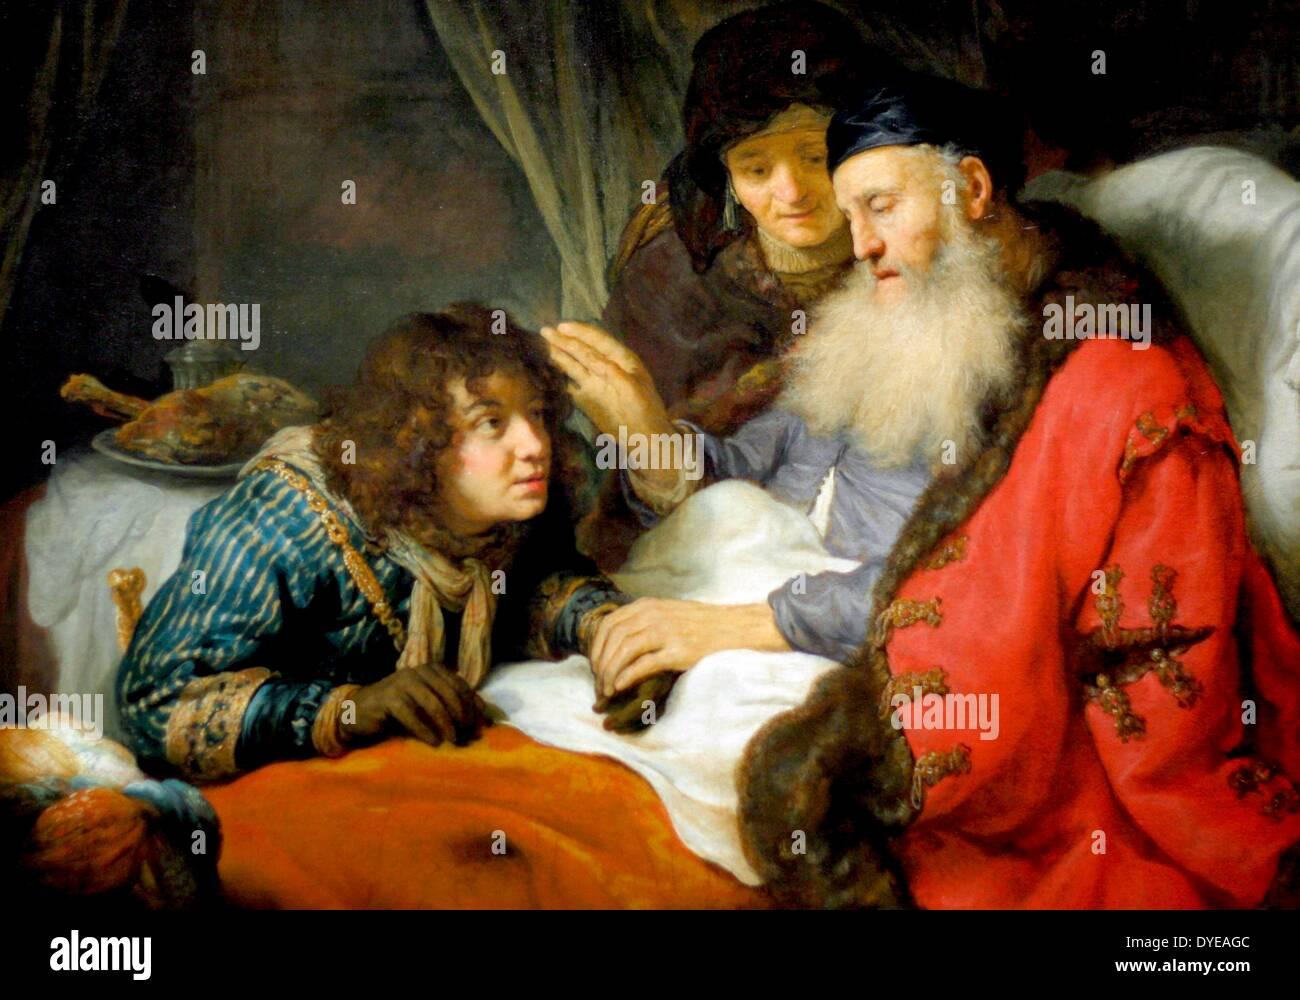 Mutter Esau Und Jakob